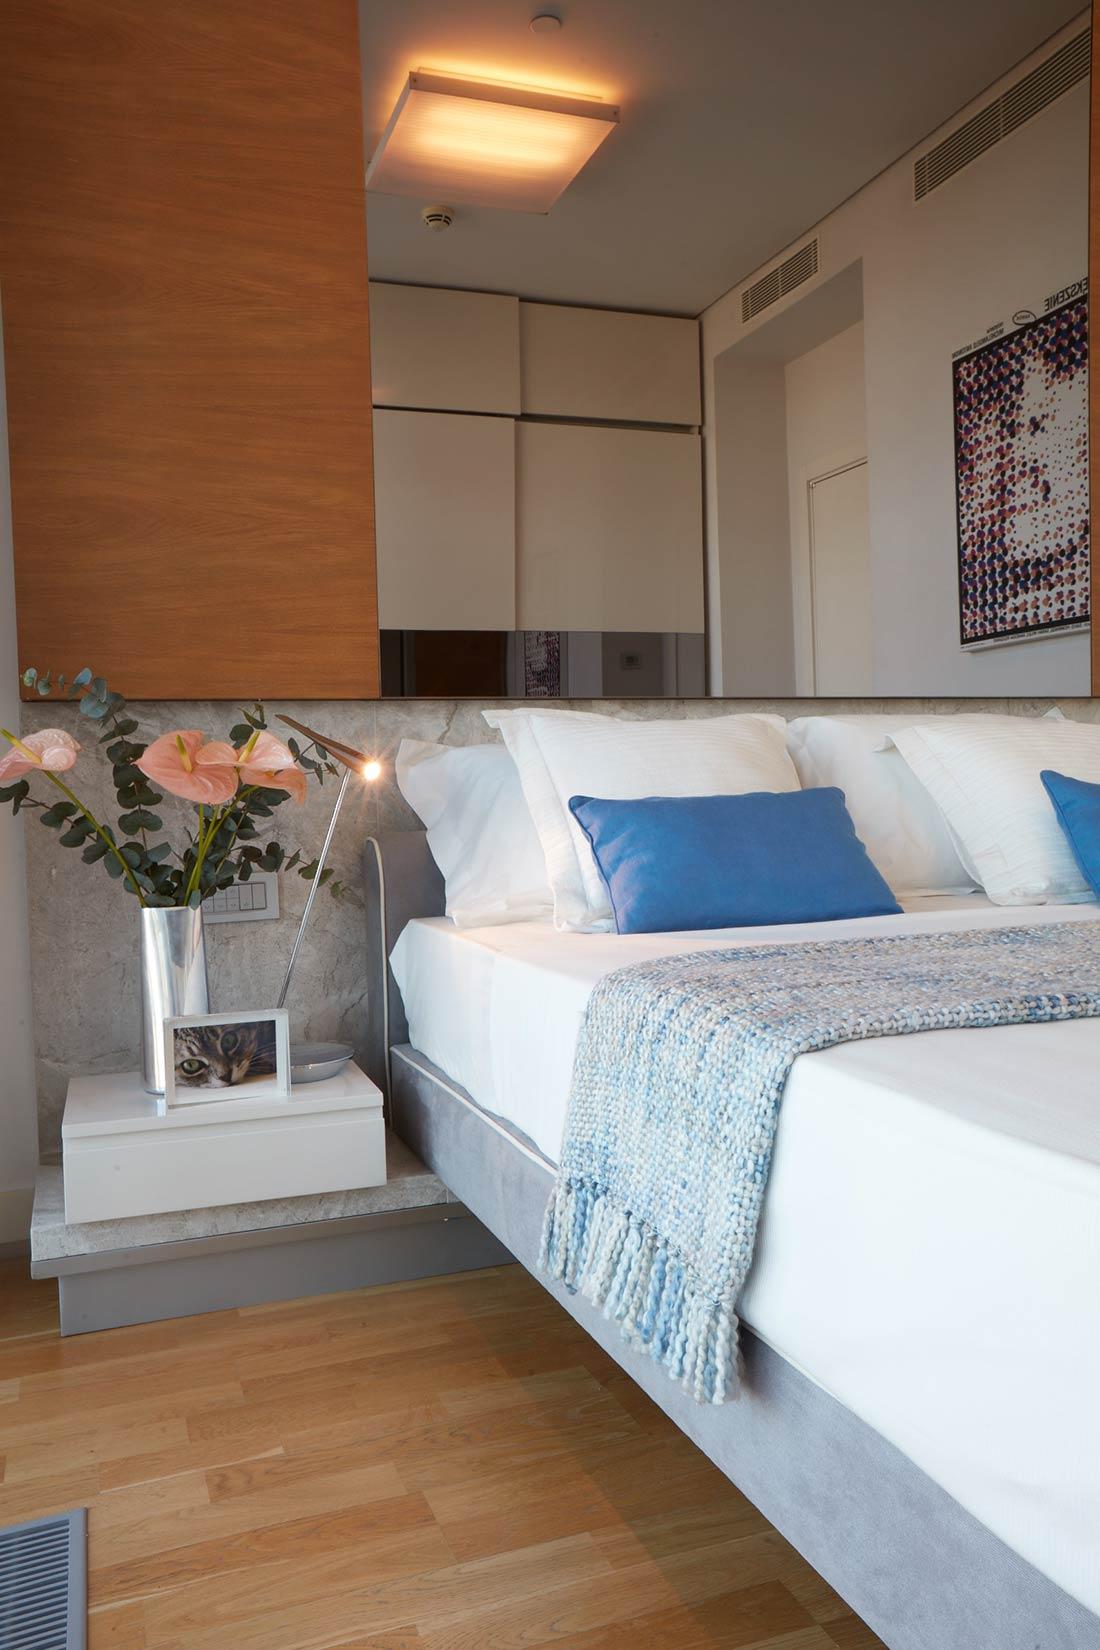 emaar-turkey-istanbul-residences-penthouses-37.jpg